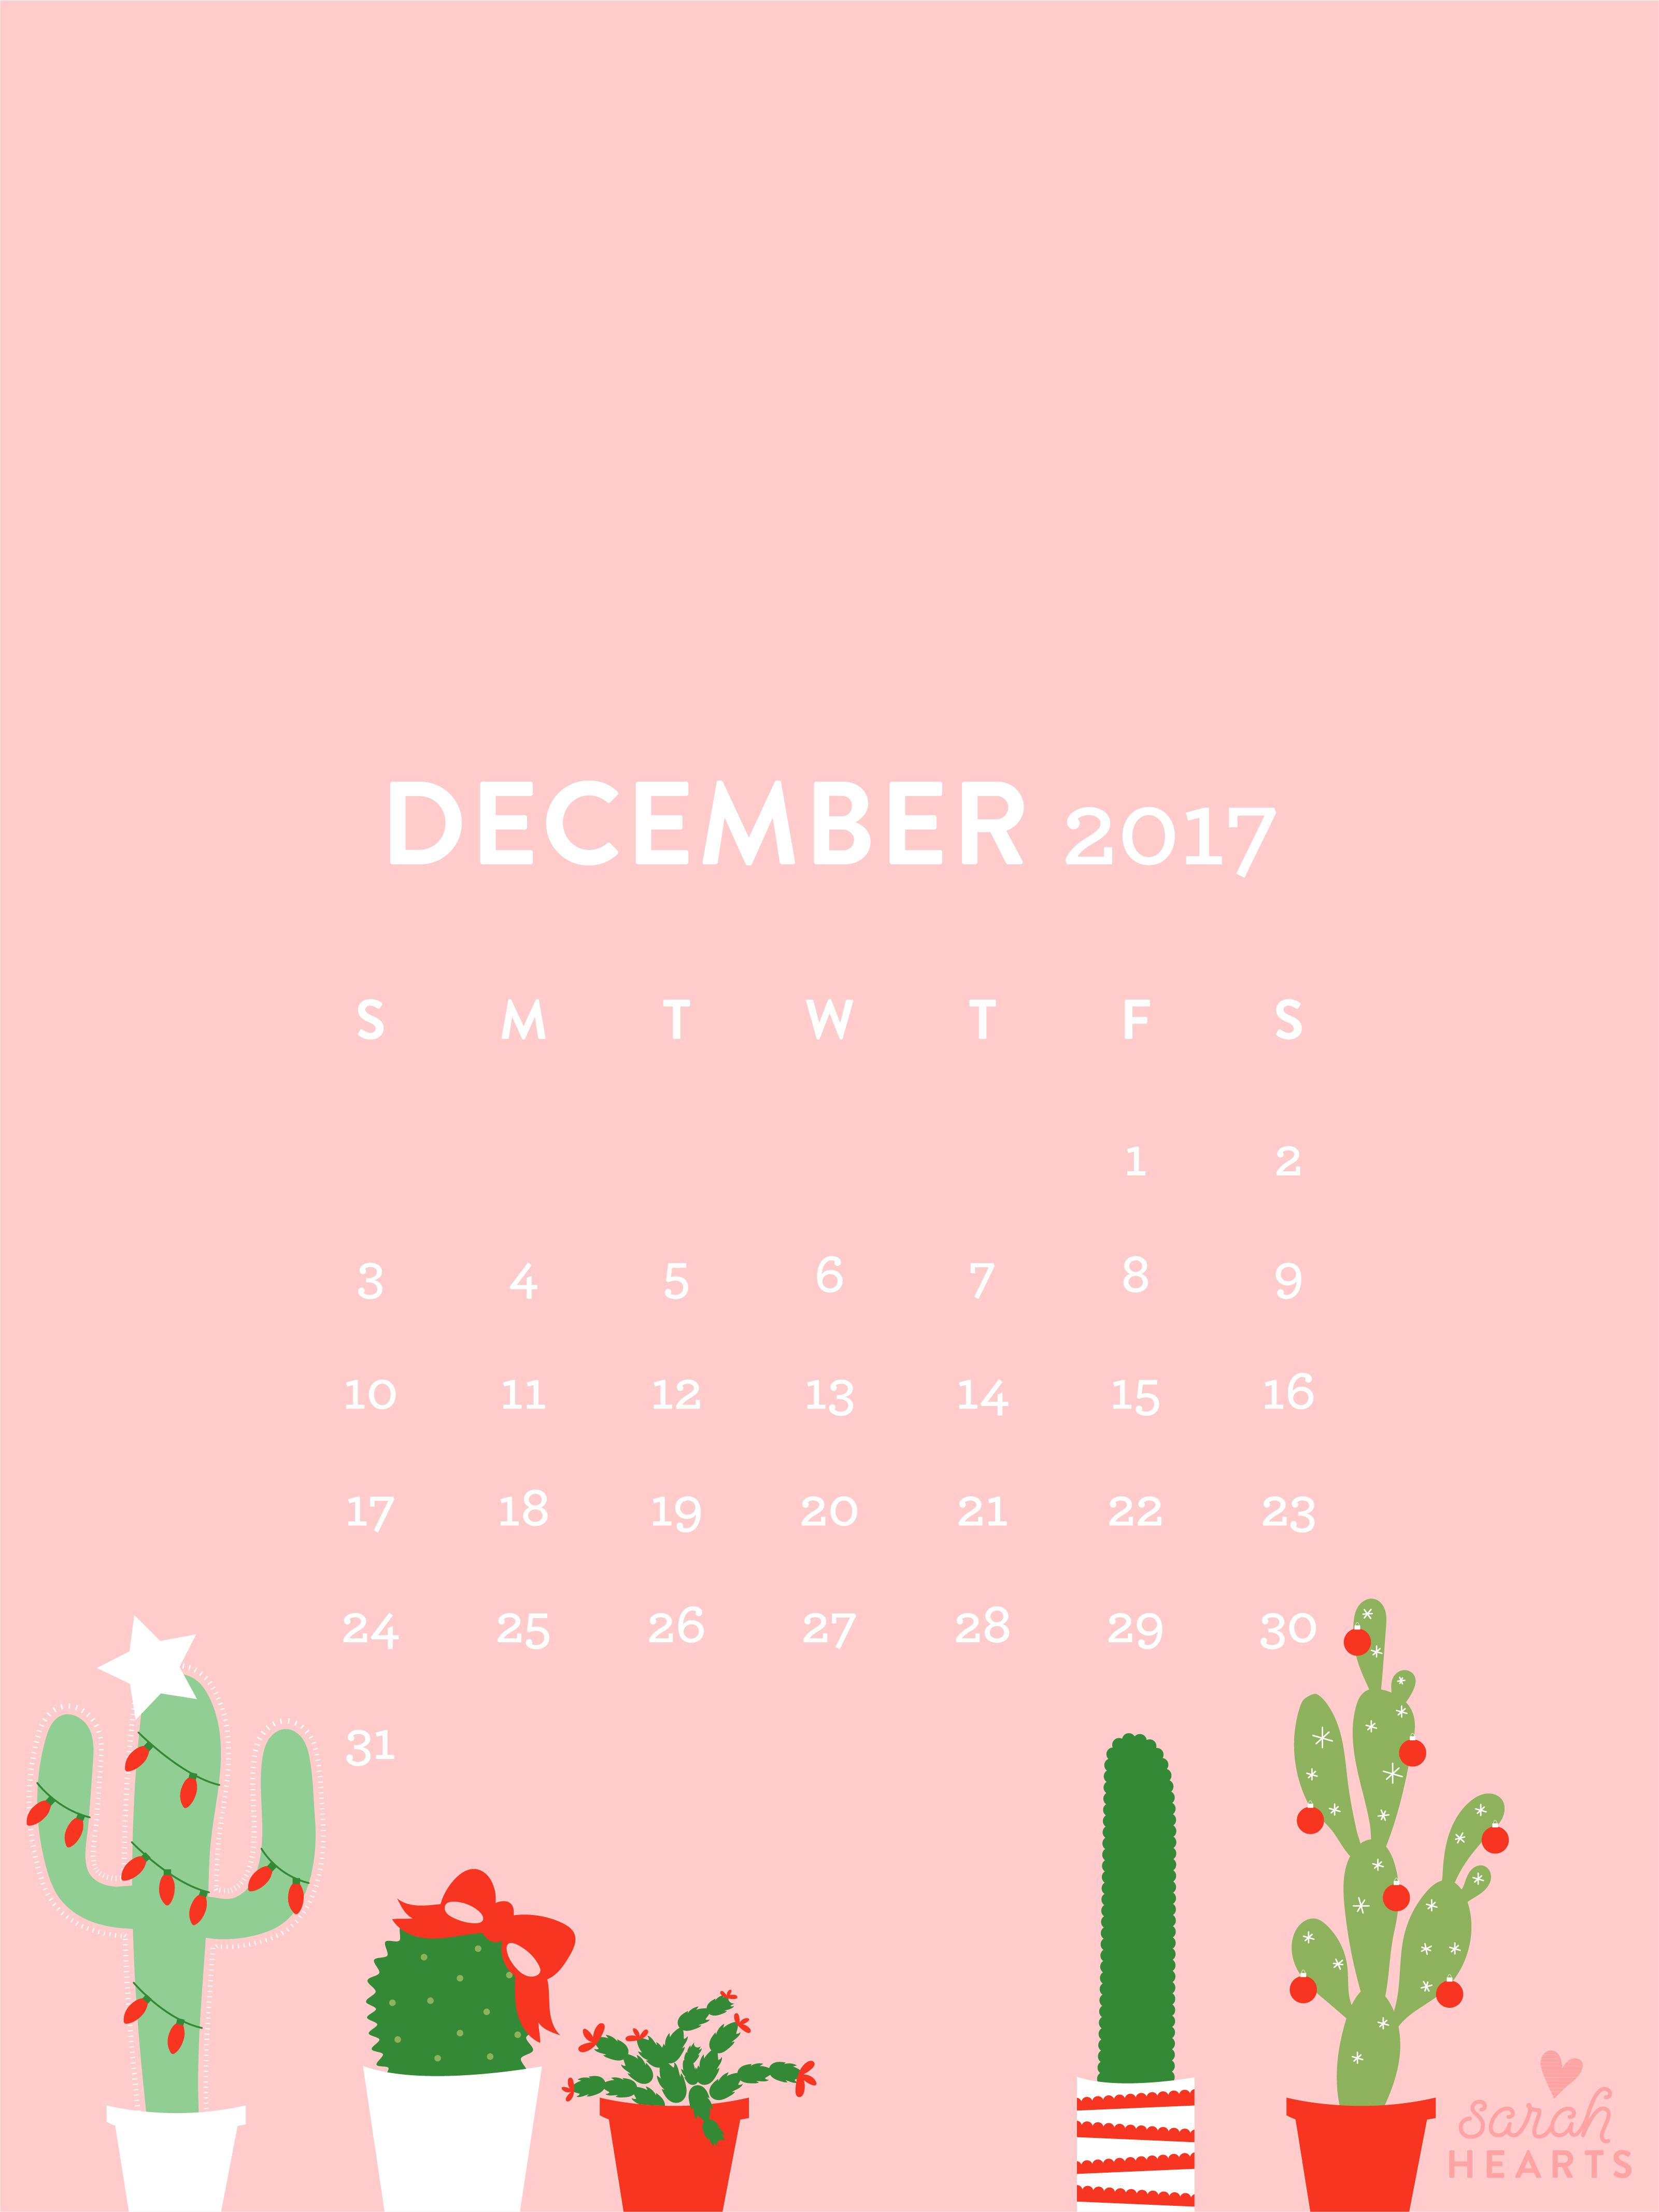 Cute Cactus Wallpaper Macbook December 2017 Christmas Cactus Calendar Wallpaper Sarah